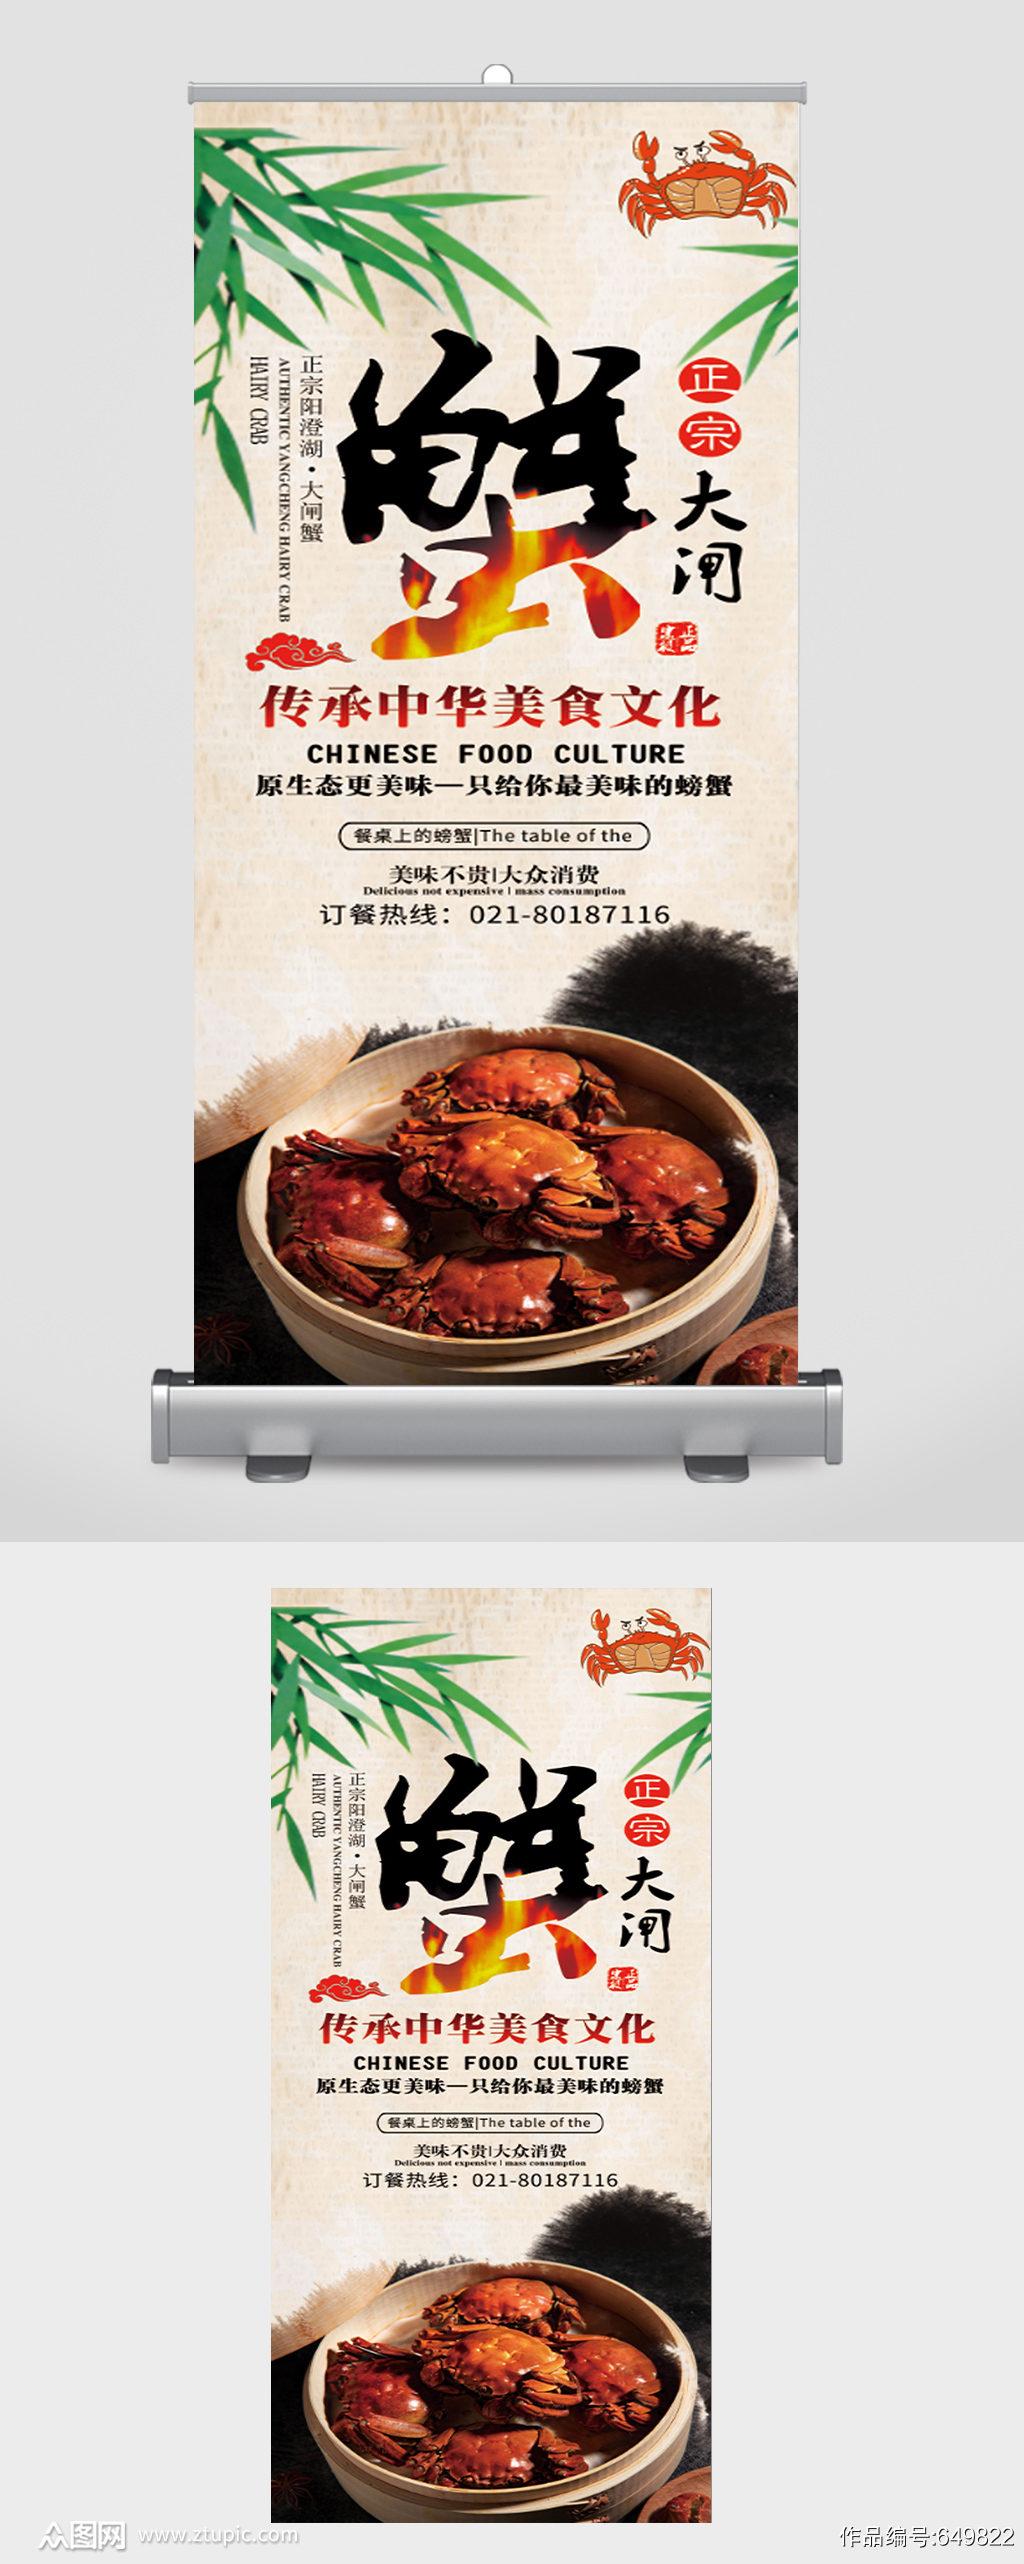 中华美食文化大闸蟹展架素材